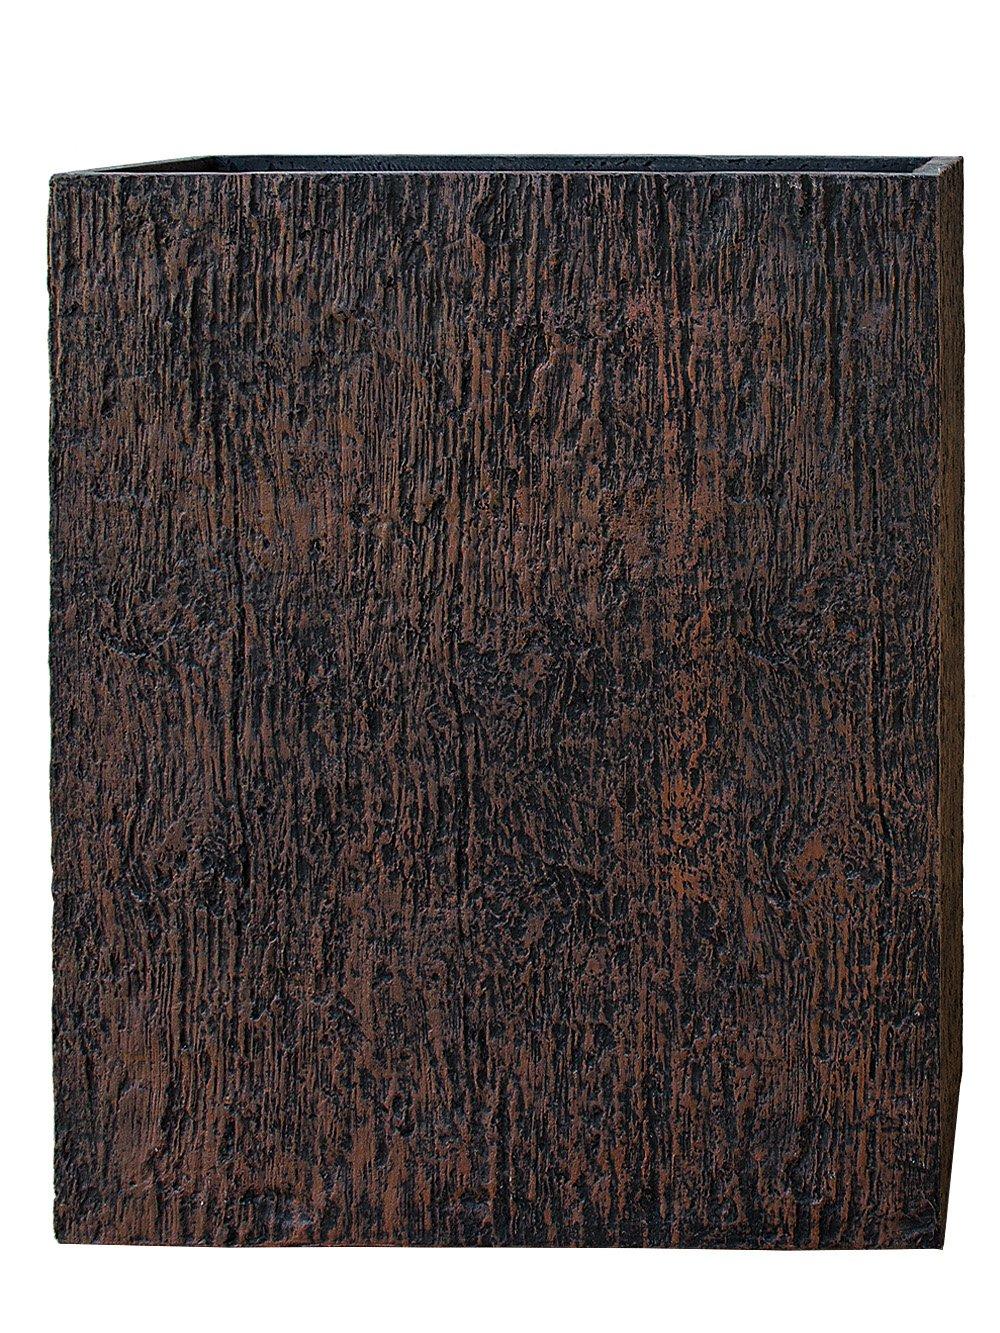 PFLANZWERK® Pflanzkübel DIVIDER Wood Brown 92x80x30cm *Frostbeständig* *UV-Schutz* *Qualitätsware*